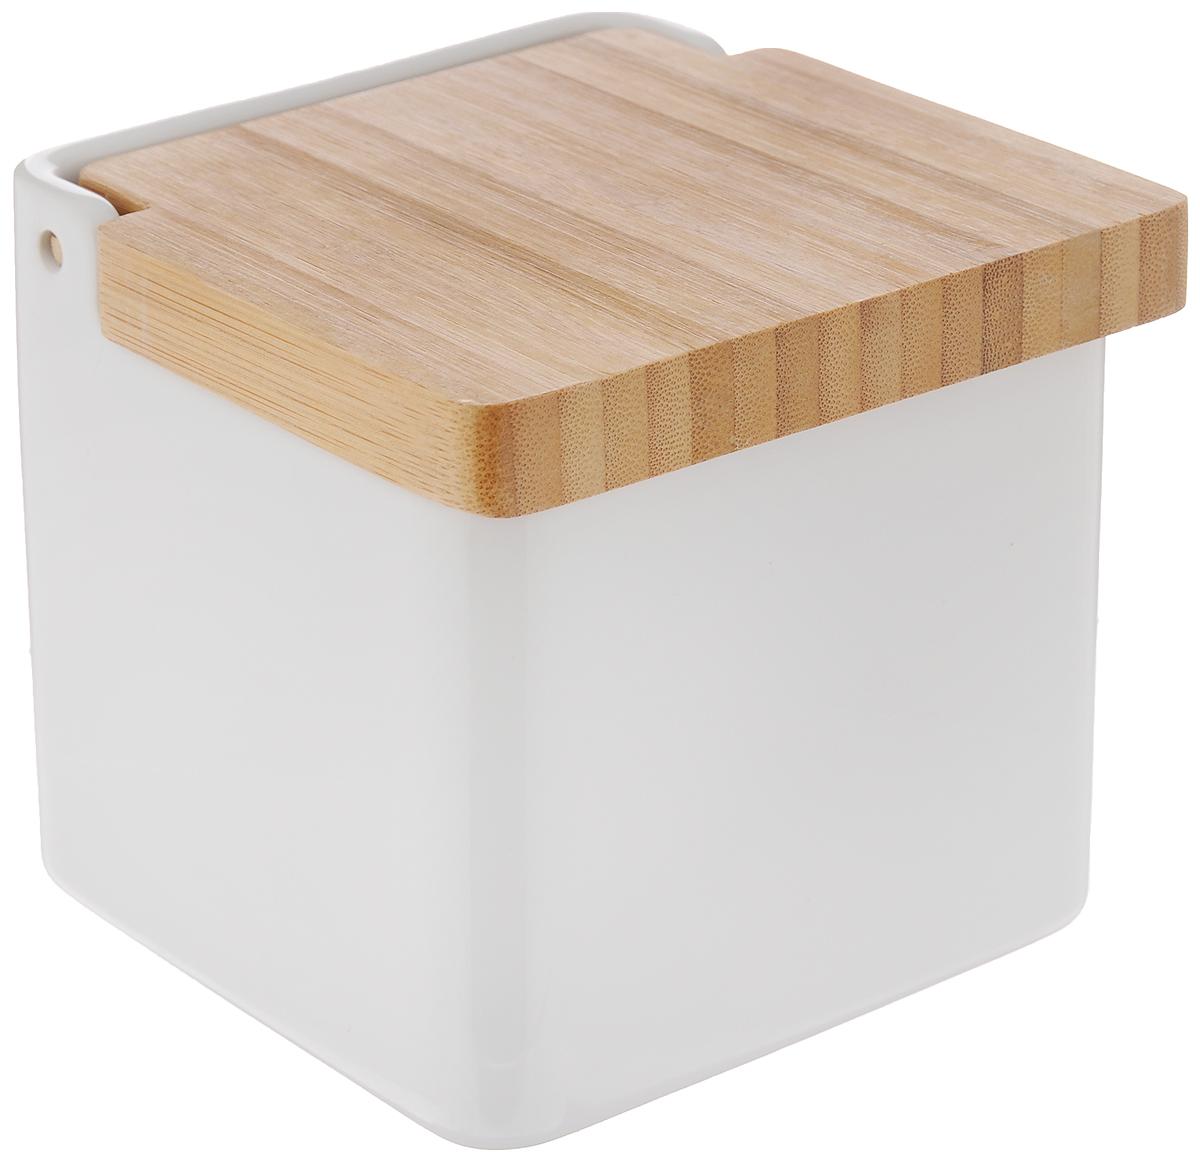 """Емкость для сыпучих продуктов Tescoma """"Online"""" изготовлена из  высококачественной керамики. Крышка выполнена из прочной древесины бамбука.  Продукты дольше остаются свежими и ароматными.  Банка подходит для хранения круп, муки, чая, соли, панировочных сухарей и  многого другого.  Исключительный внешний вид изделия позволяет идеально вписать его в любой  интерьер. Нельзя мыть в посудомоечной машине."""